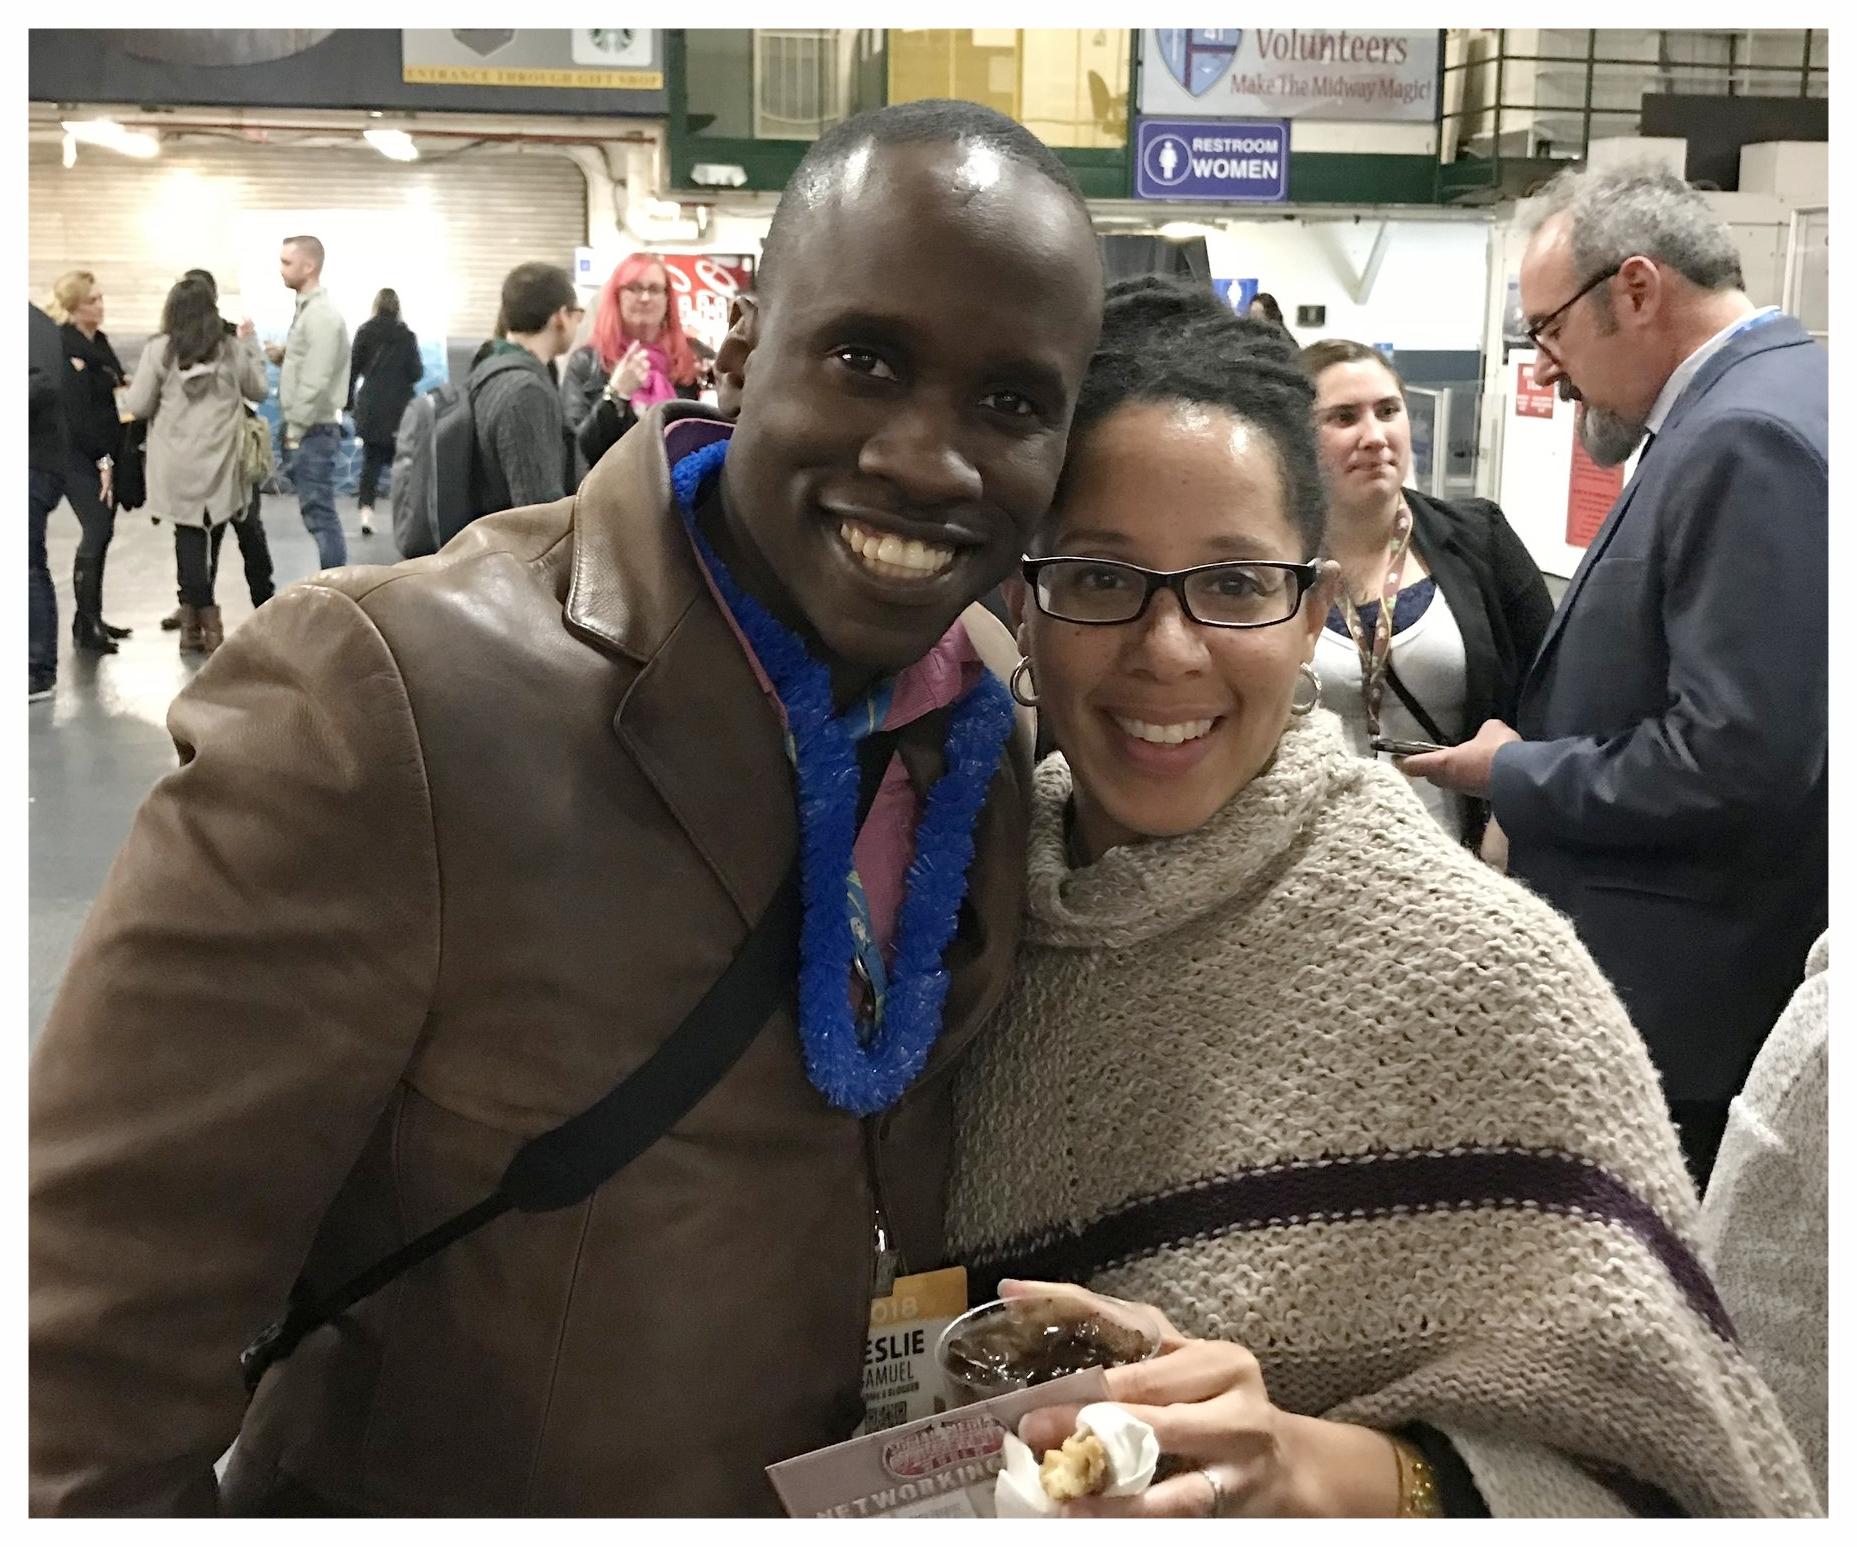 Finally getting to meet Leslie Samuel!!!